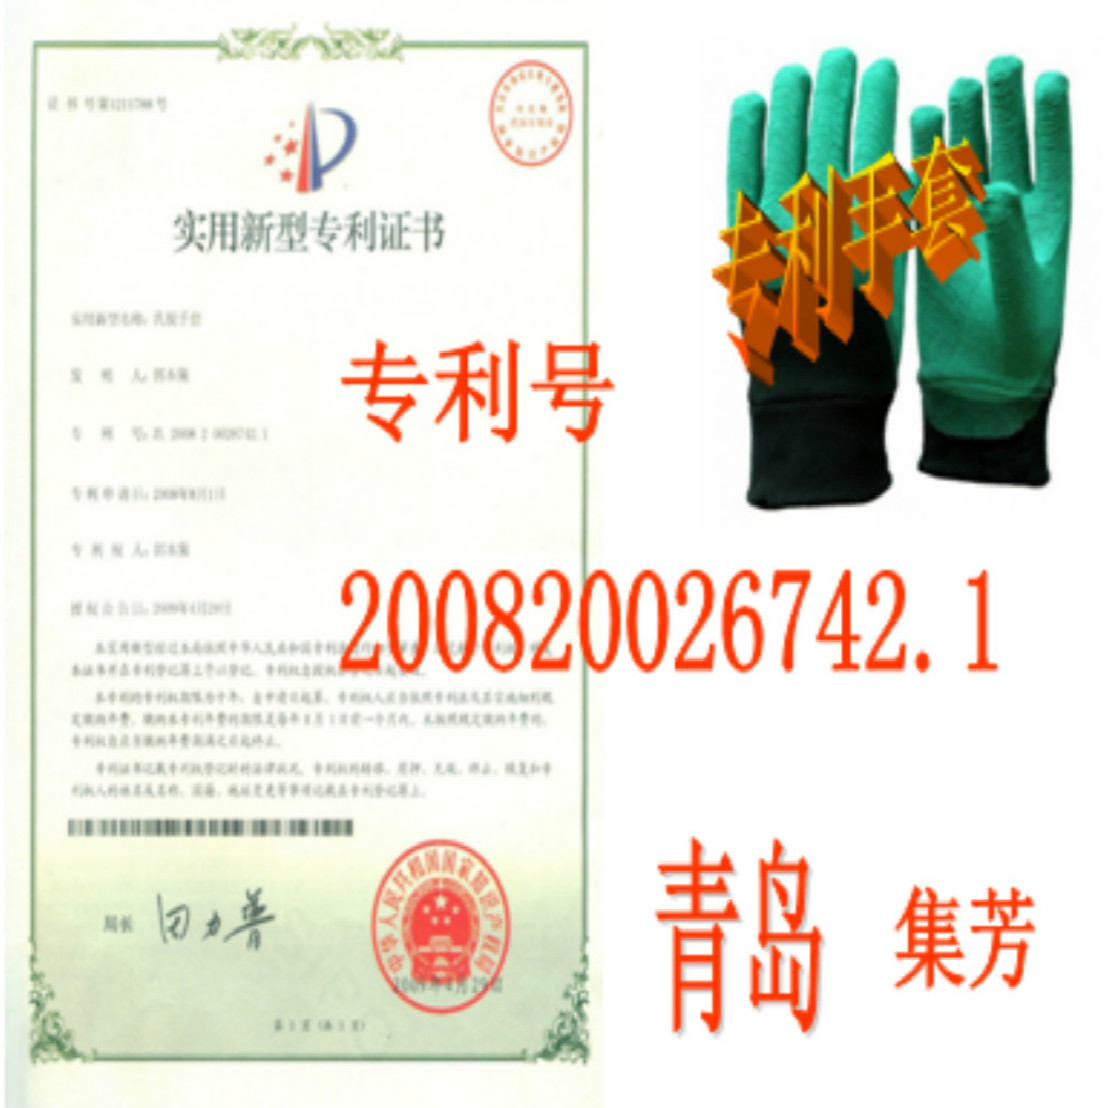 防水手套中国青岛集芳制造Q3L2型结实耐用适养殖甲鱼貂作业手套